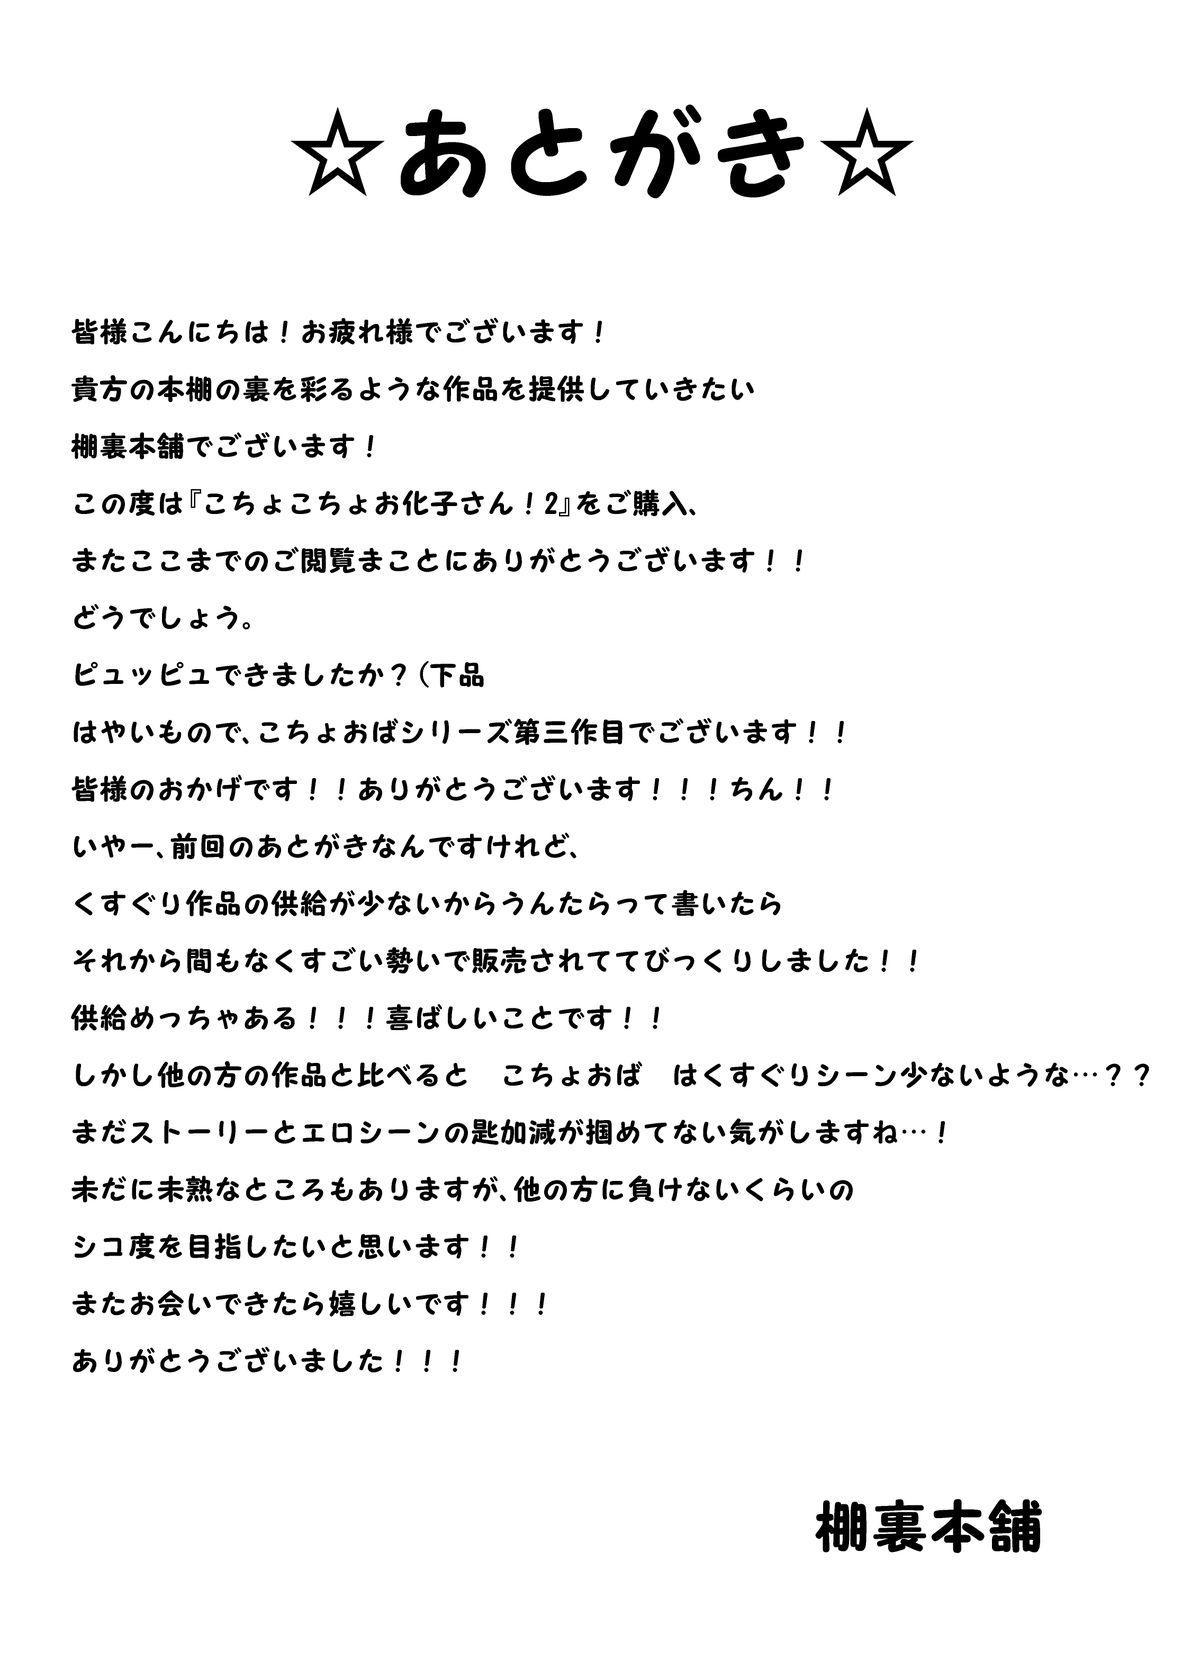 Kochokocho Okako-san! 3 28